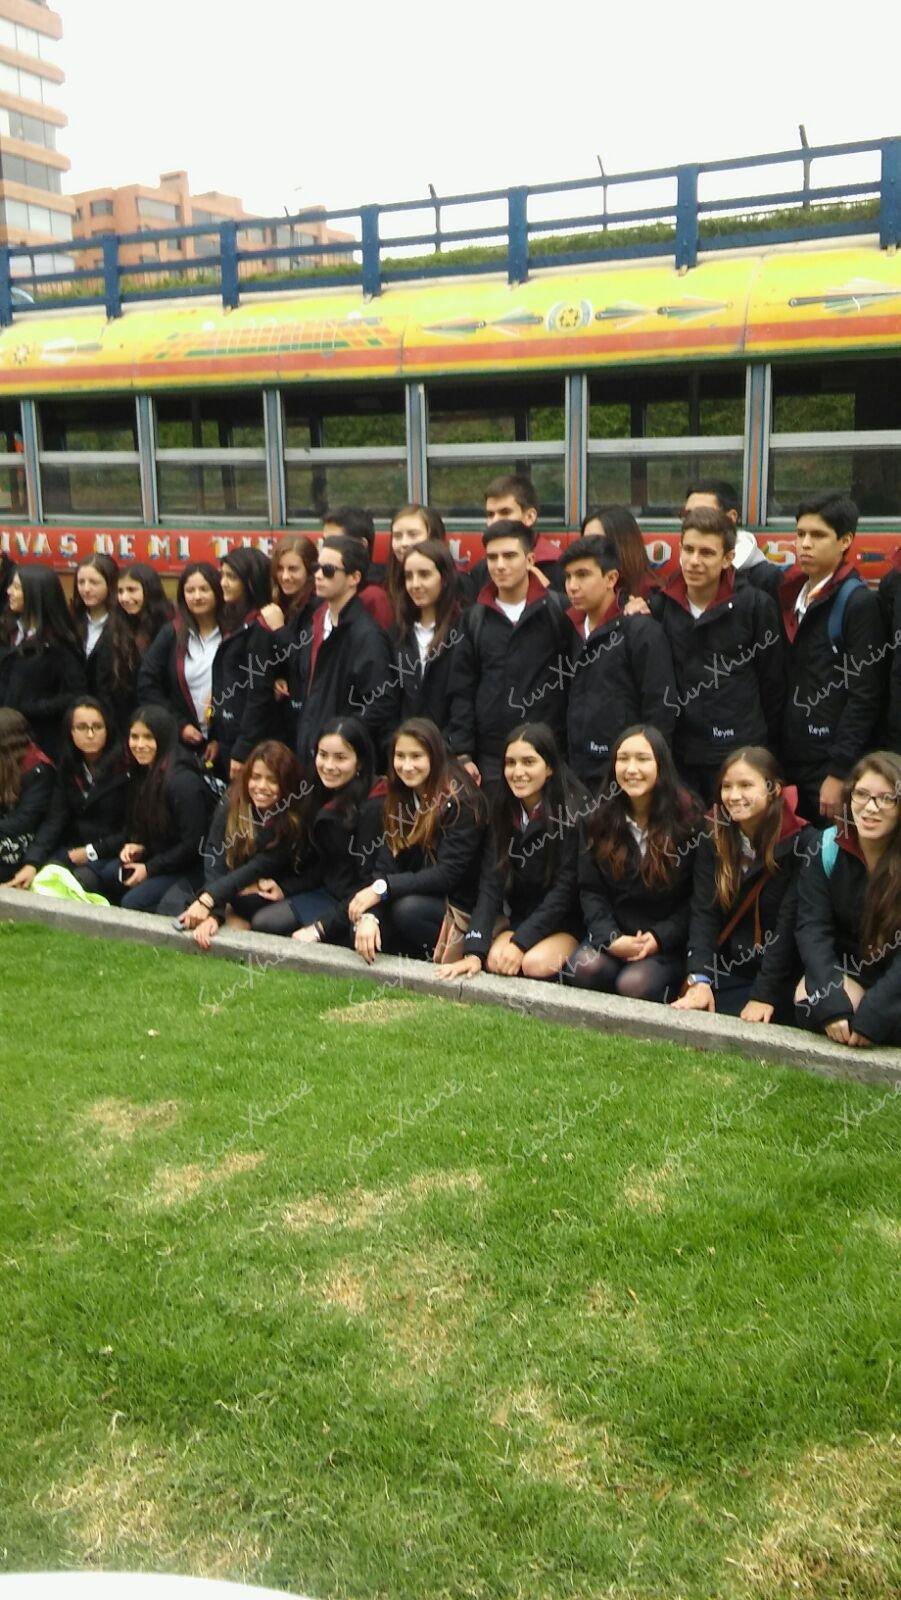 Colegio Reyes Catolicos 2016